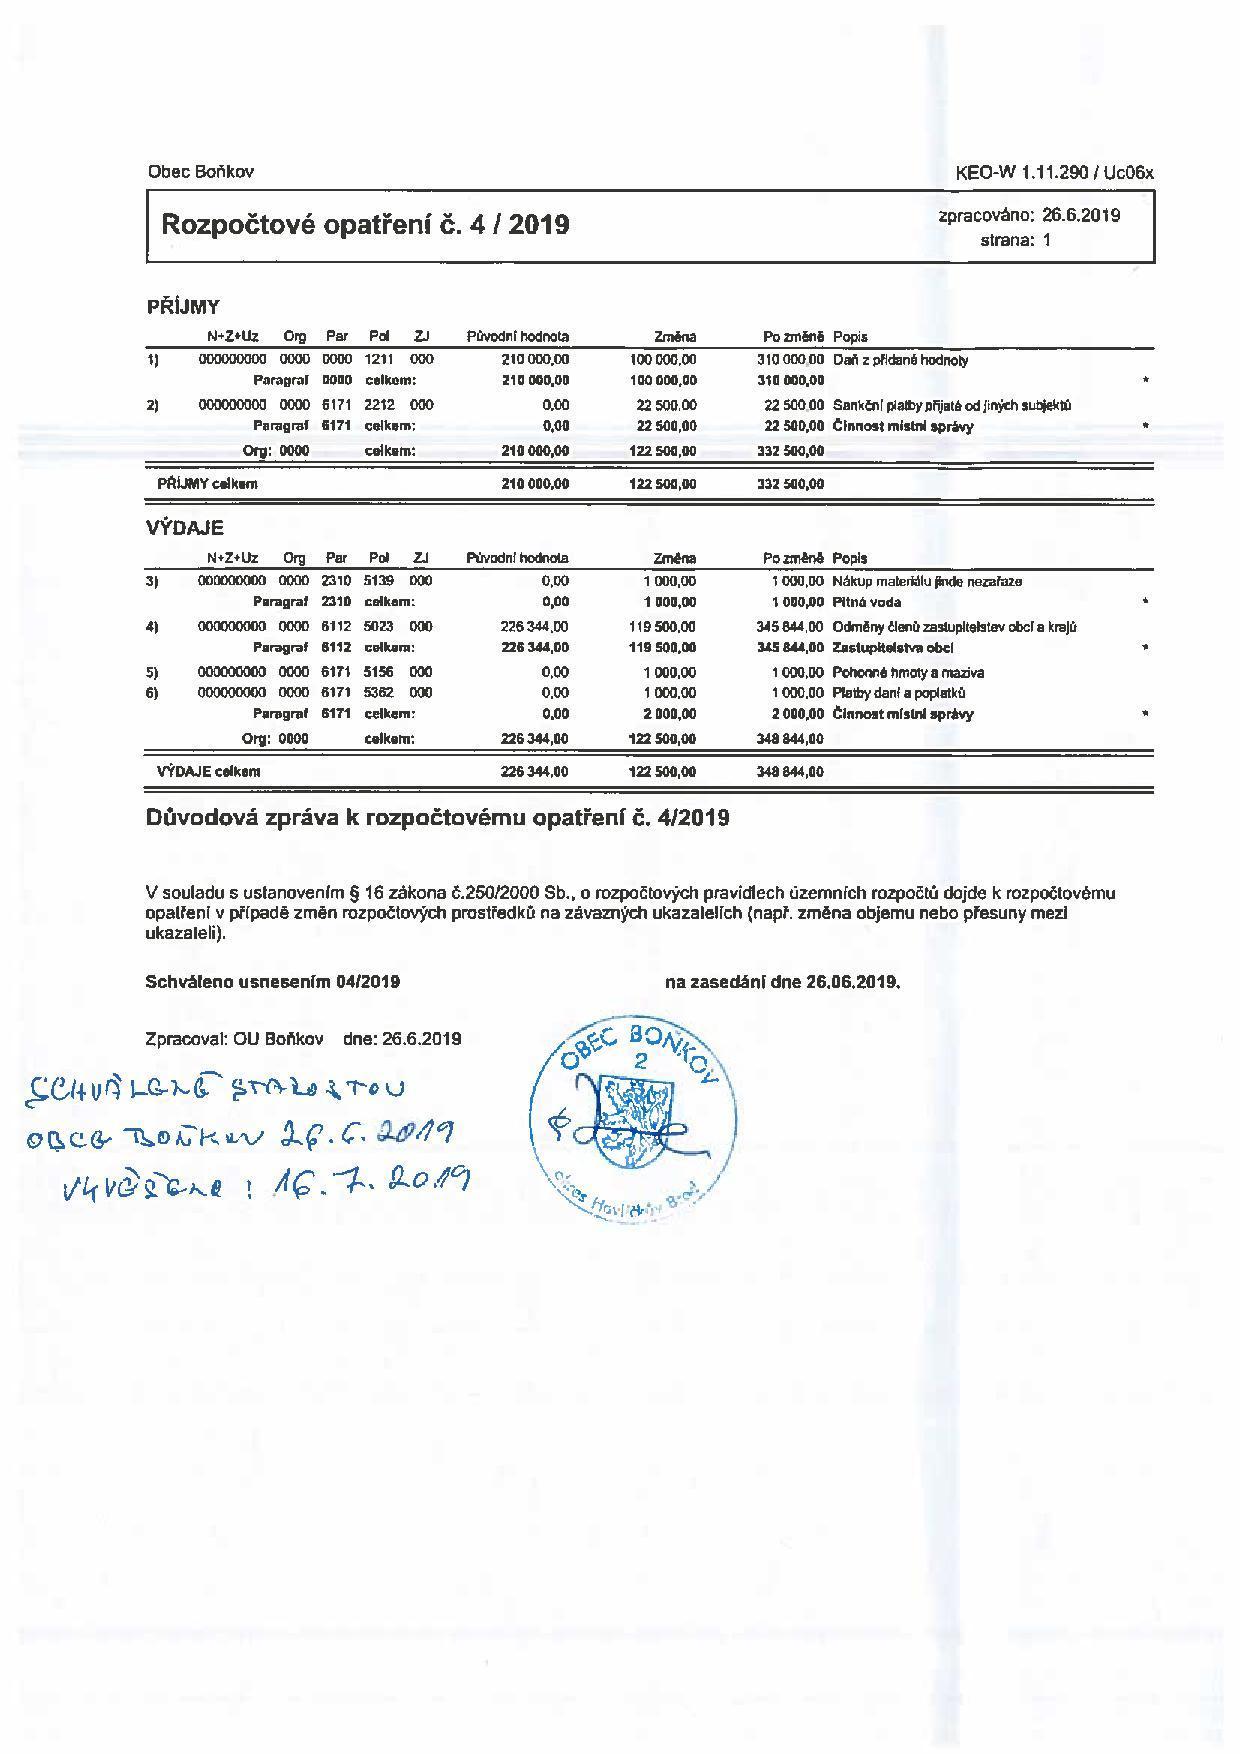 Rozpočtové opatření č.4/2019